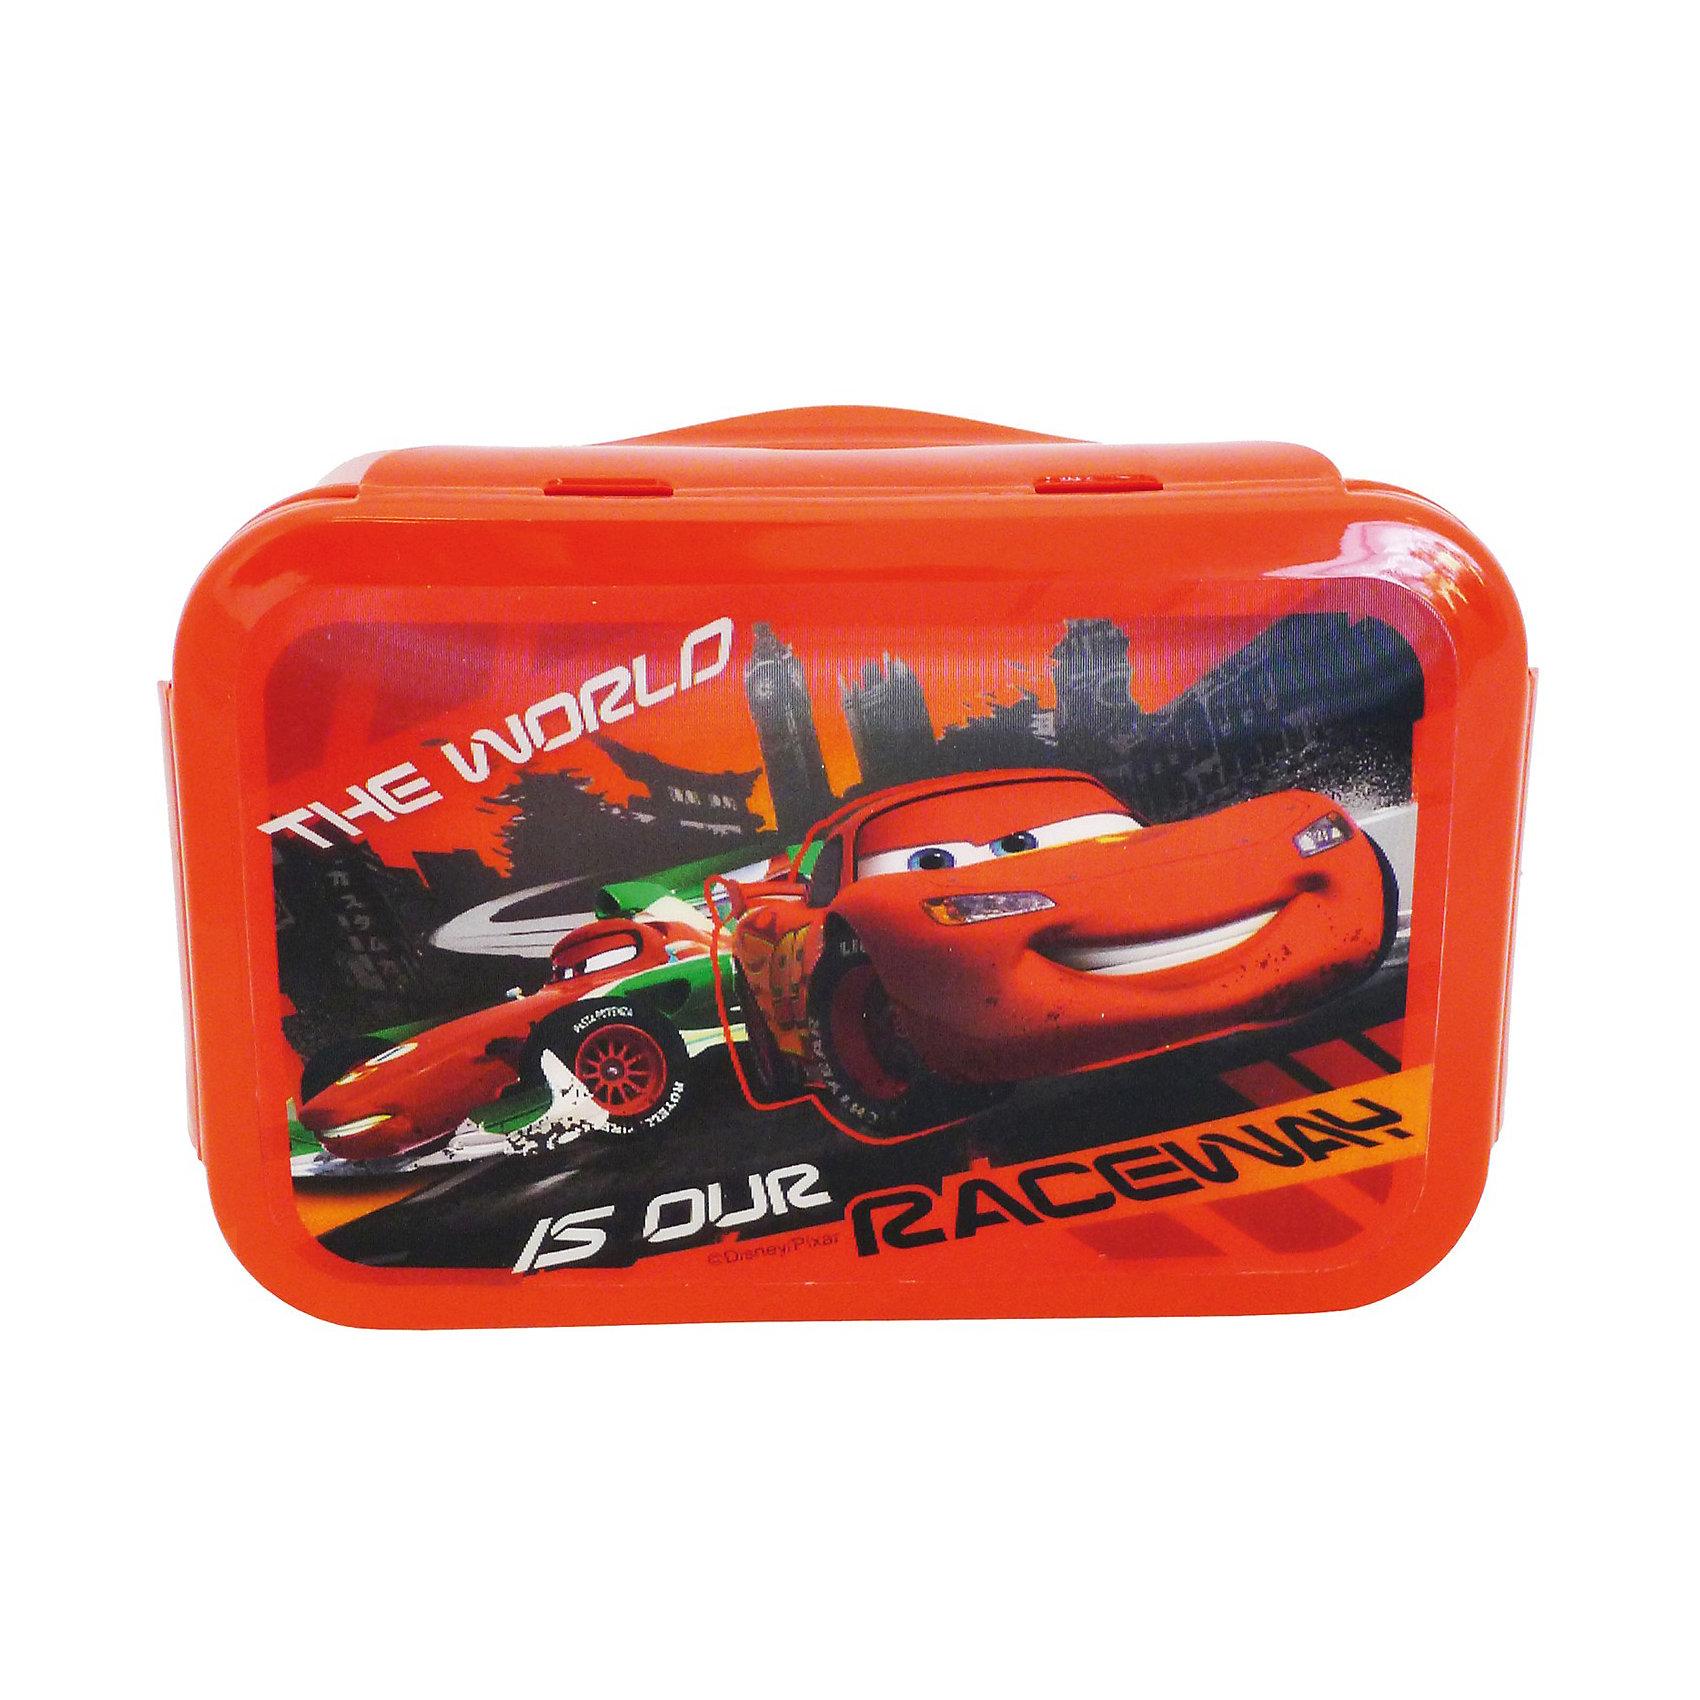 Бутербродница с 3D изображением, ТачкиПроизведено по лицензии Walt Disney. Пластиковая бутербродница со стерео изображением ТАЧКИ (15х10х6 см), изготовлена из пищевого пластика. Компактная, герметичная емкость, надежная крышка с 4-мя зажимами. Можно использовать как коробку для хранения мелких предметов. Бутербродница позволит перекусить любимым домашним бутербродом где угодно: в школе, в походе, поездке, на пикнике. Компактная, легко помещается в любую сумку. Нельзя использовать в СВЧ и мыть в посудомоечной машине. <br><br>Дополнительная информация: <br><br>- размер: 15*10*6 см.<br>- материал: пластик<br><br>Бутербродницу с 3D изображением, Тачки можно купить в нашем интернет-магазине.<br><br>Ширина мм: 150<br>Глубина мм: 100<br>Высота мм: 60<br>Вес г: 115<br>Возраст от месяцев: 72<br>Возраст до месяцев: 192<br>Пол: Мужской<br>Возраст: Детский<br>SKU: 3104733